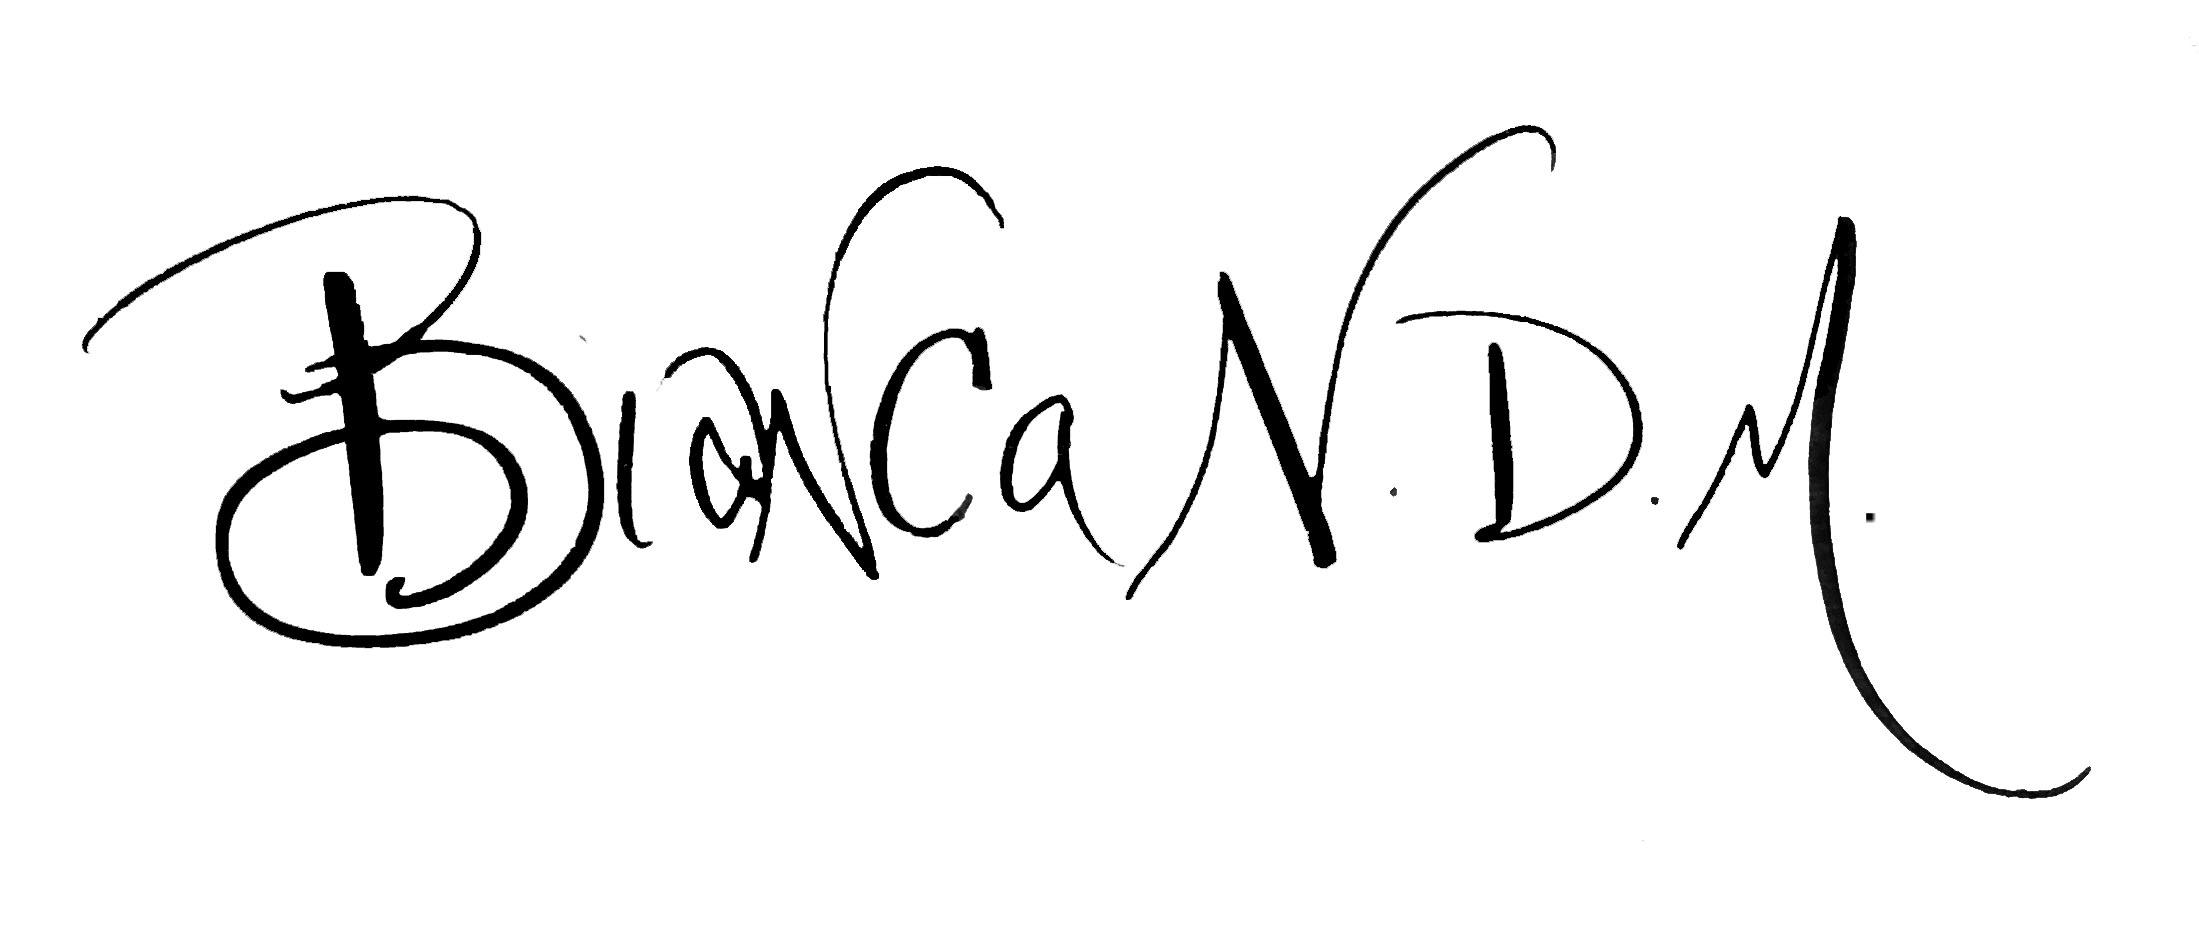 Bianca Mandity Signature